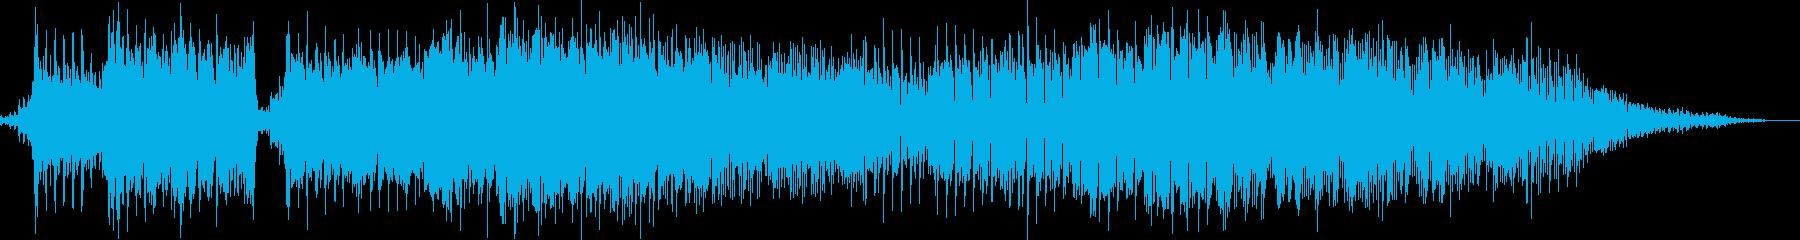 民族音楽・東南アジア・ラオス・モーラム風の再生済みの波形